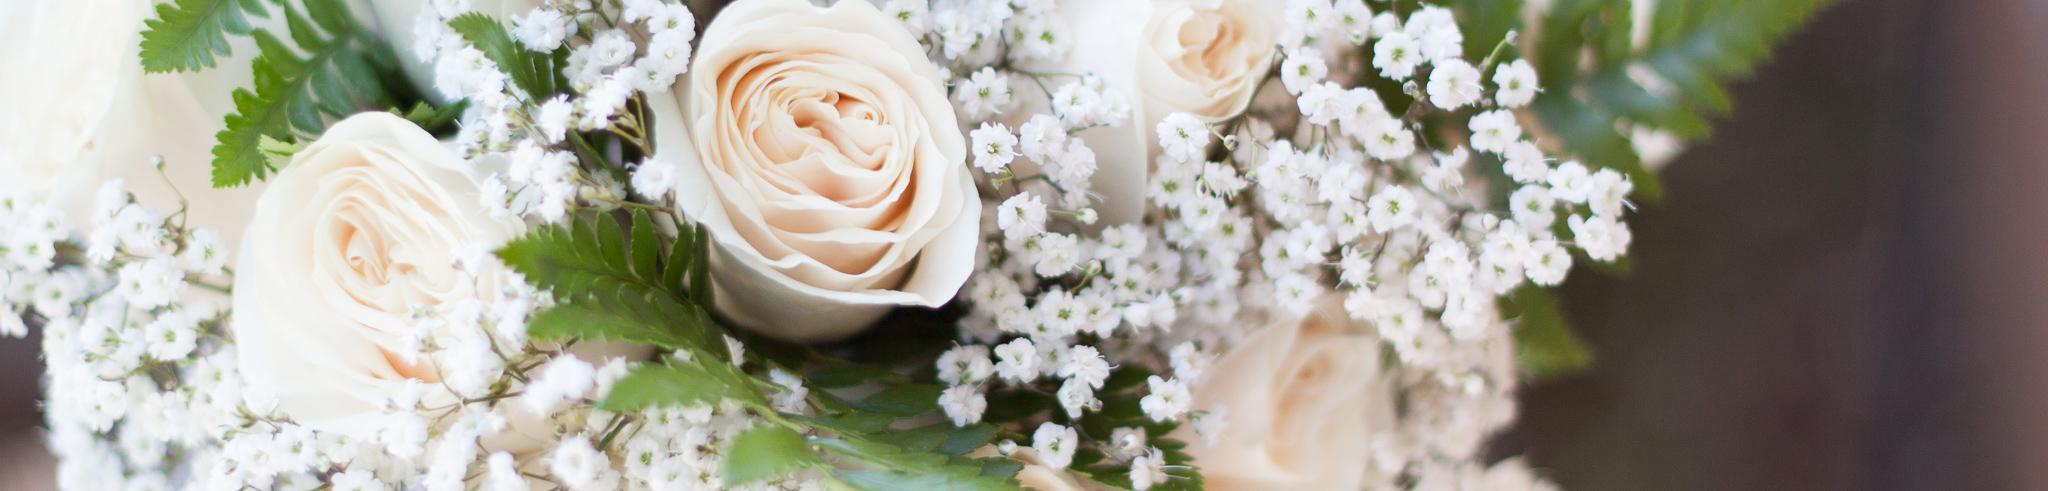 white wedding rose bouquet